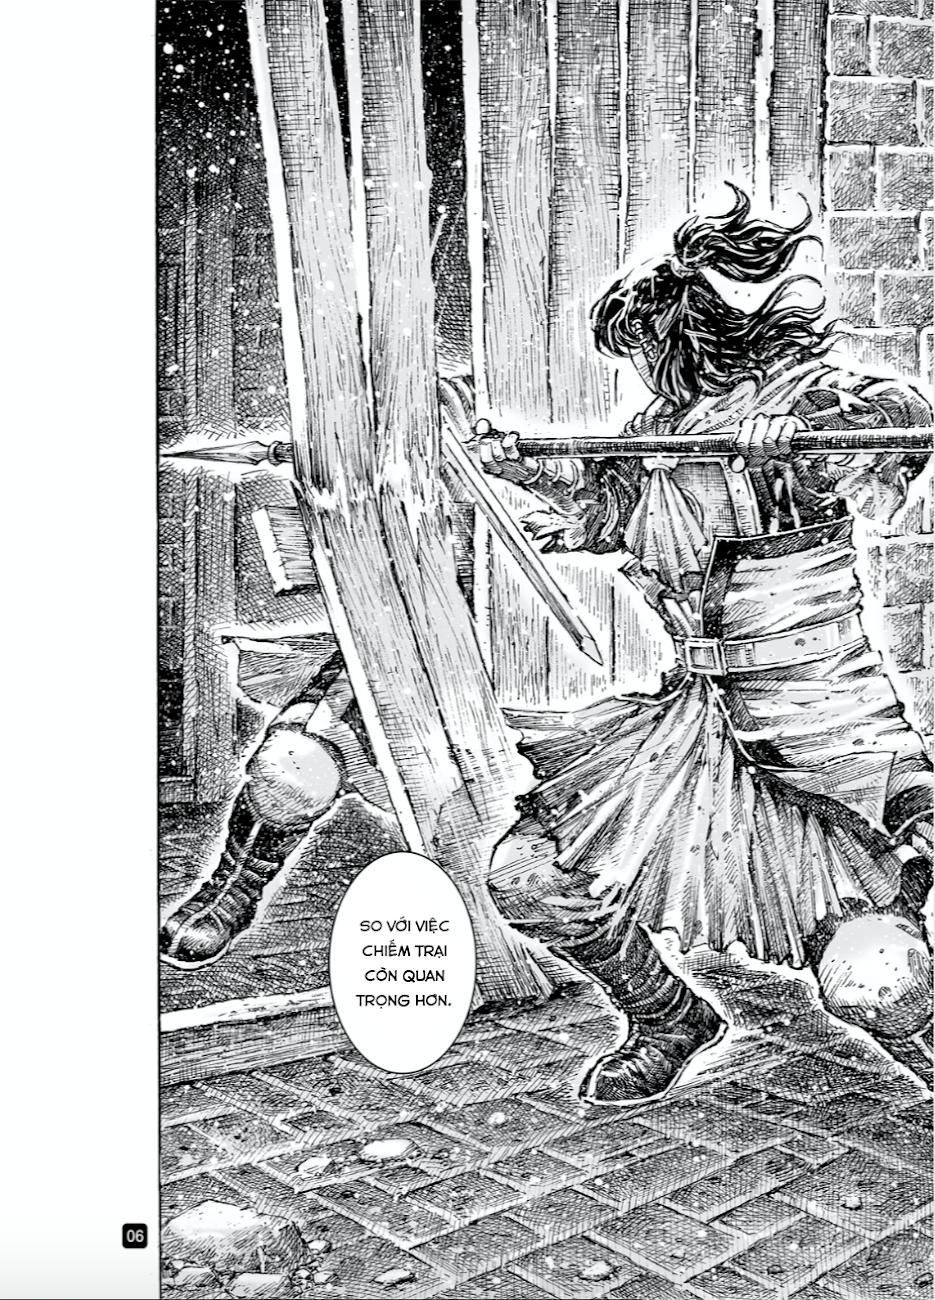 Hoả Phụng Liêu Nguyên chap 537 - Trang 6